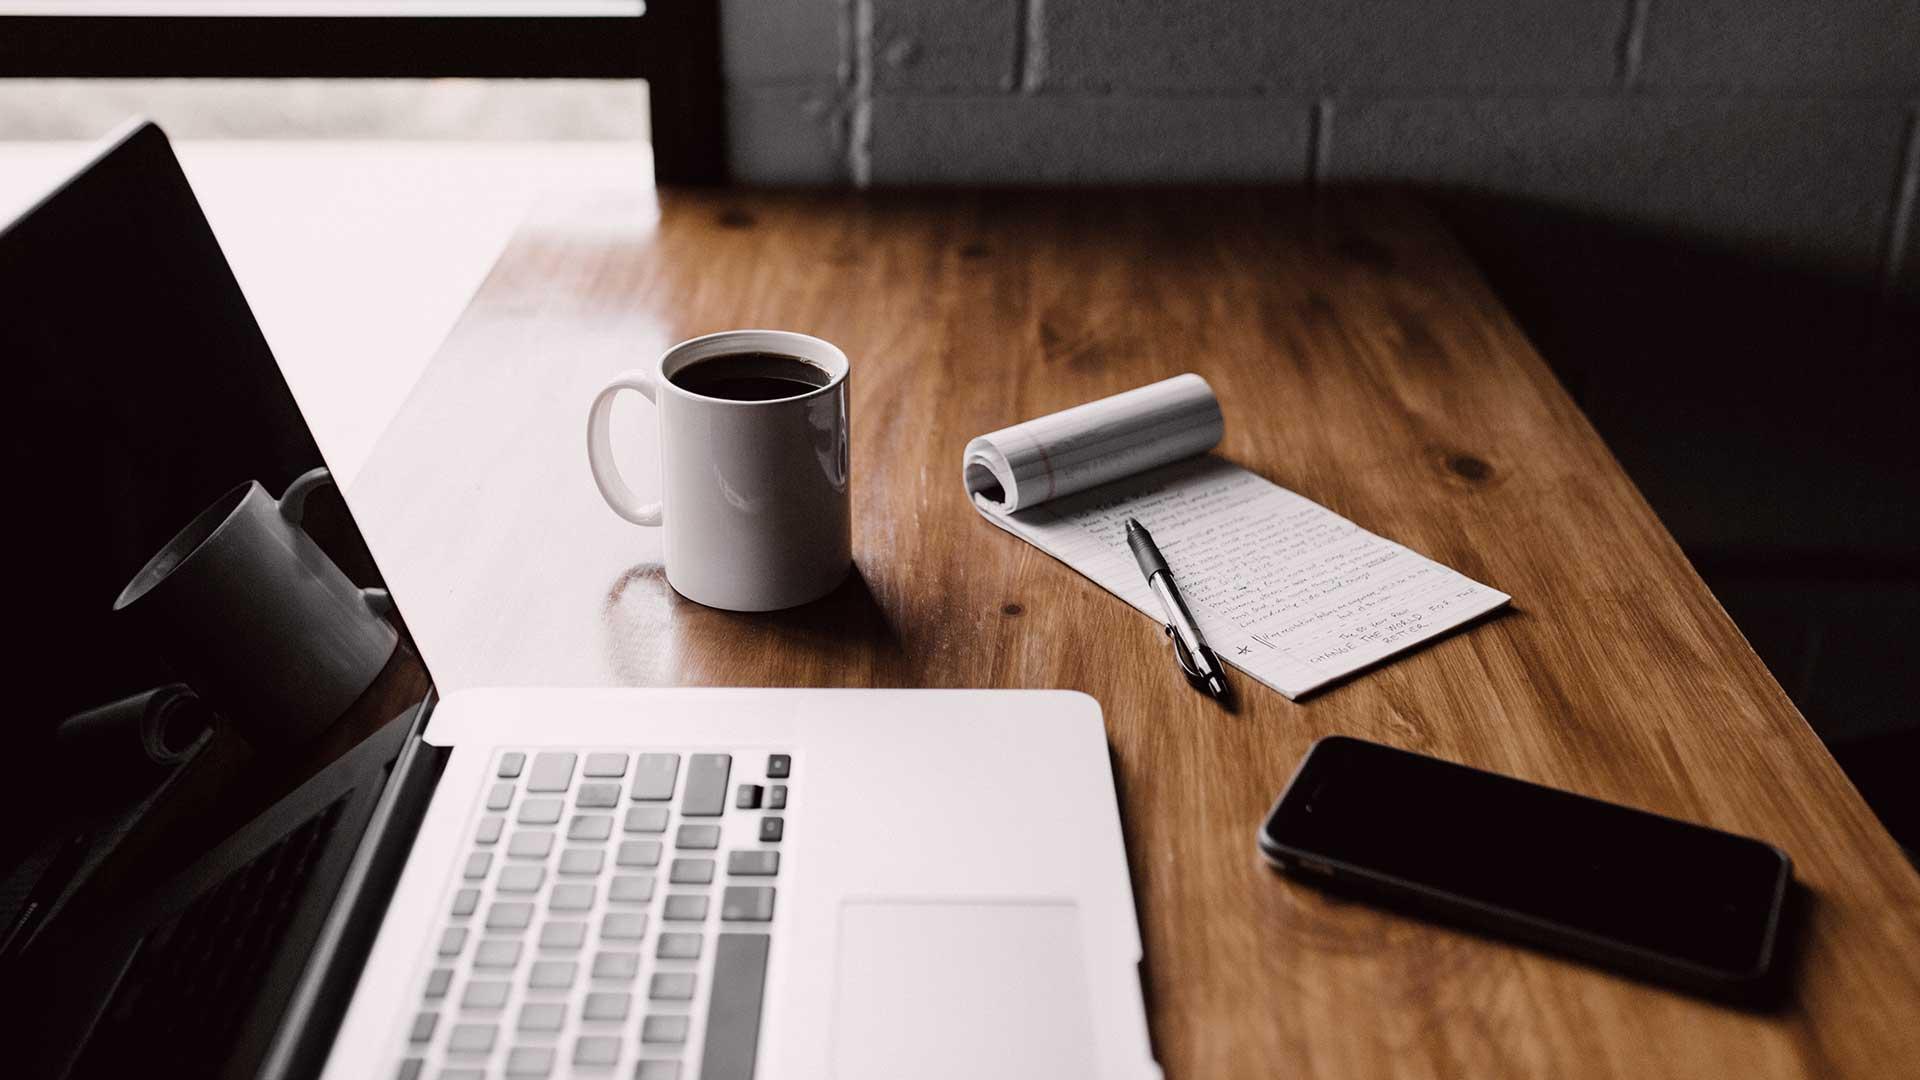 Gestire il piano editoriale per la tua non profit con pochi sforzi